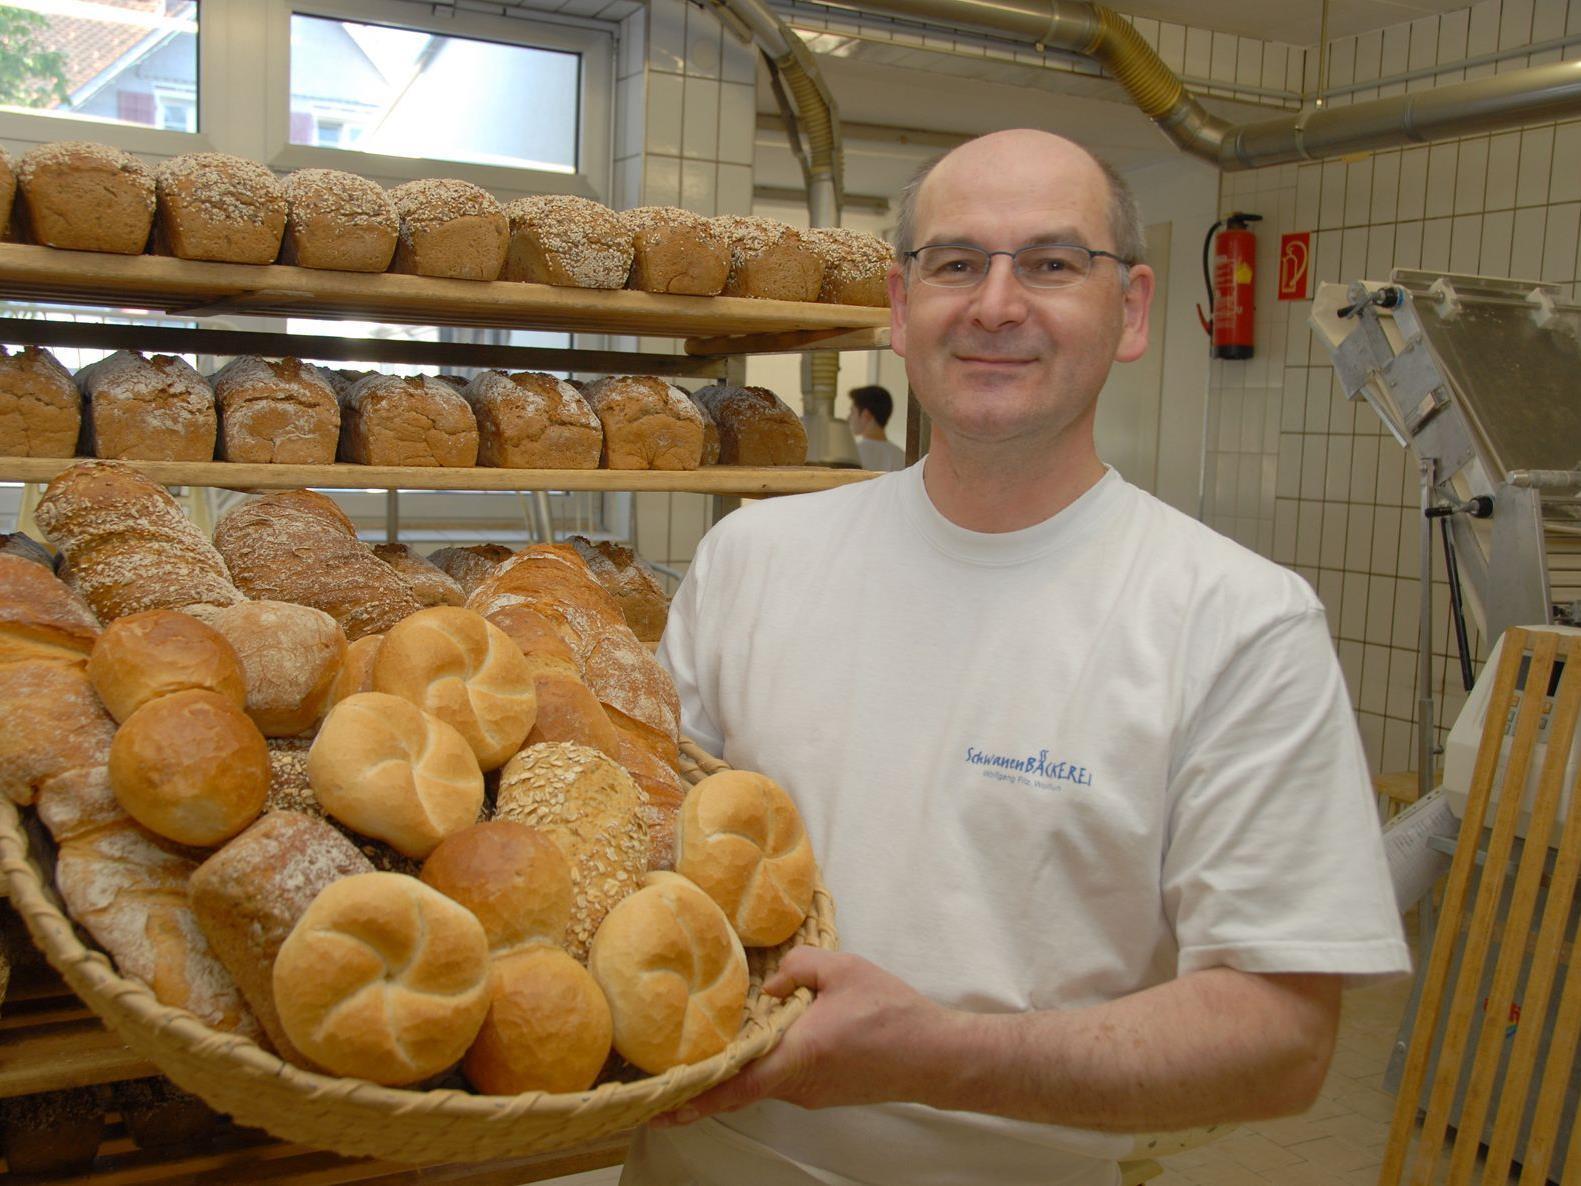 Chef der Schwanenbäckerei Wolfgang Fitz